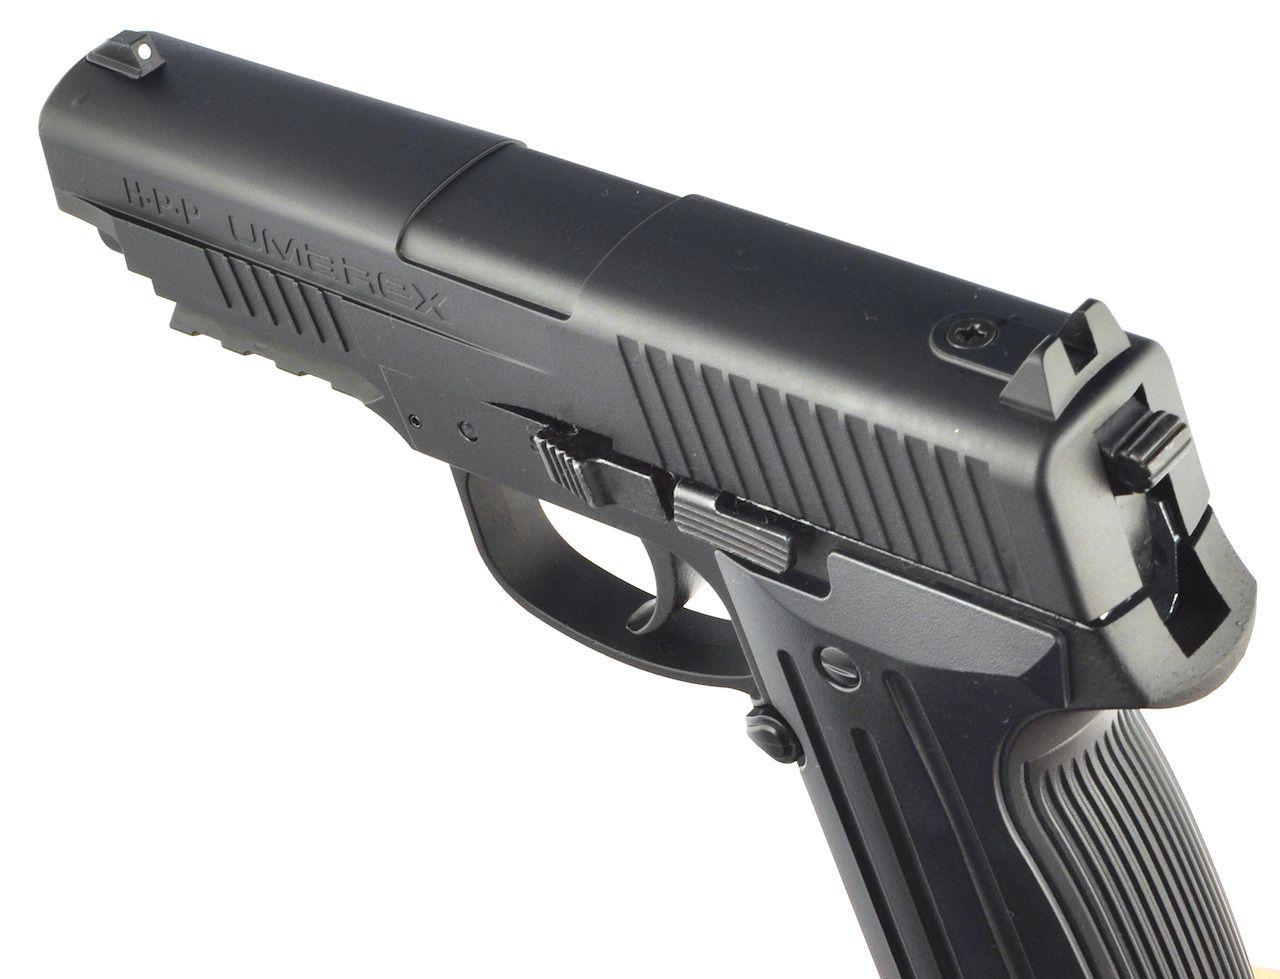 Buy cheap umarex 2252105 hpp blowback bb pistol replicaairguns ca